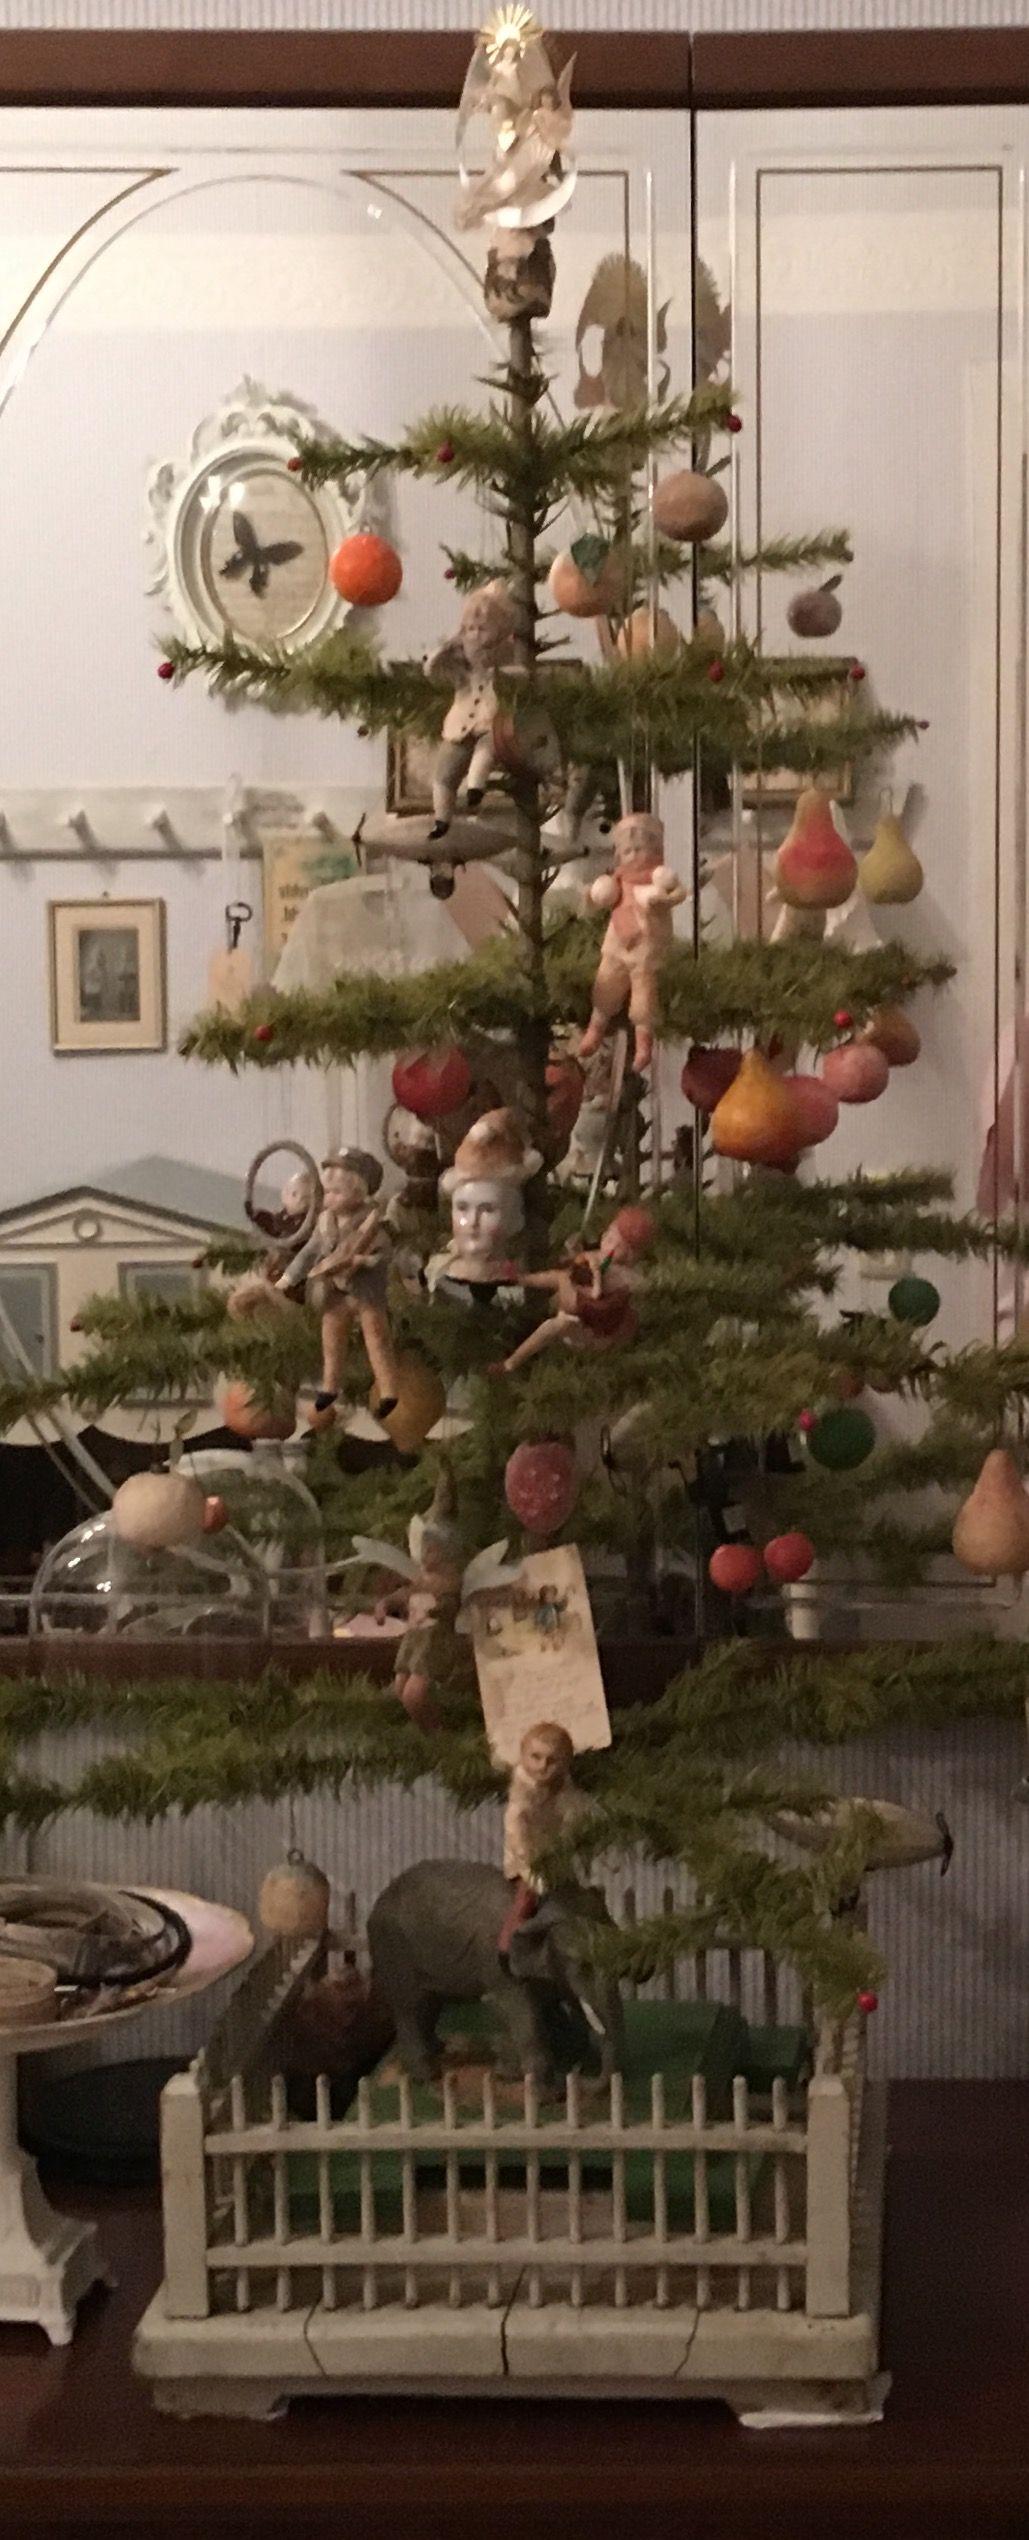 Weihnachtsdeko Watte.Pin Von Roswitha Geppert Auf My Homemade Spun Cotton Meine Watte